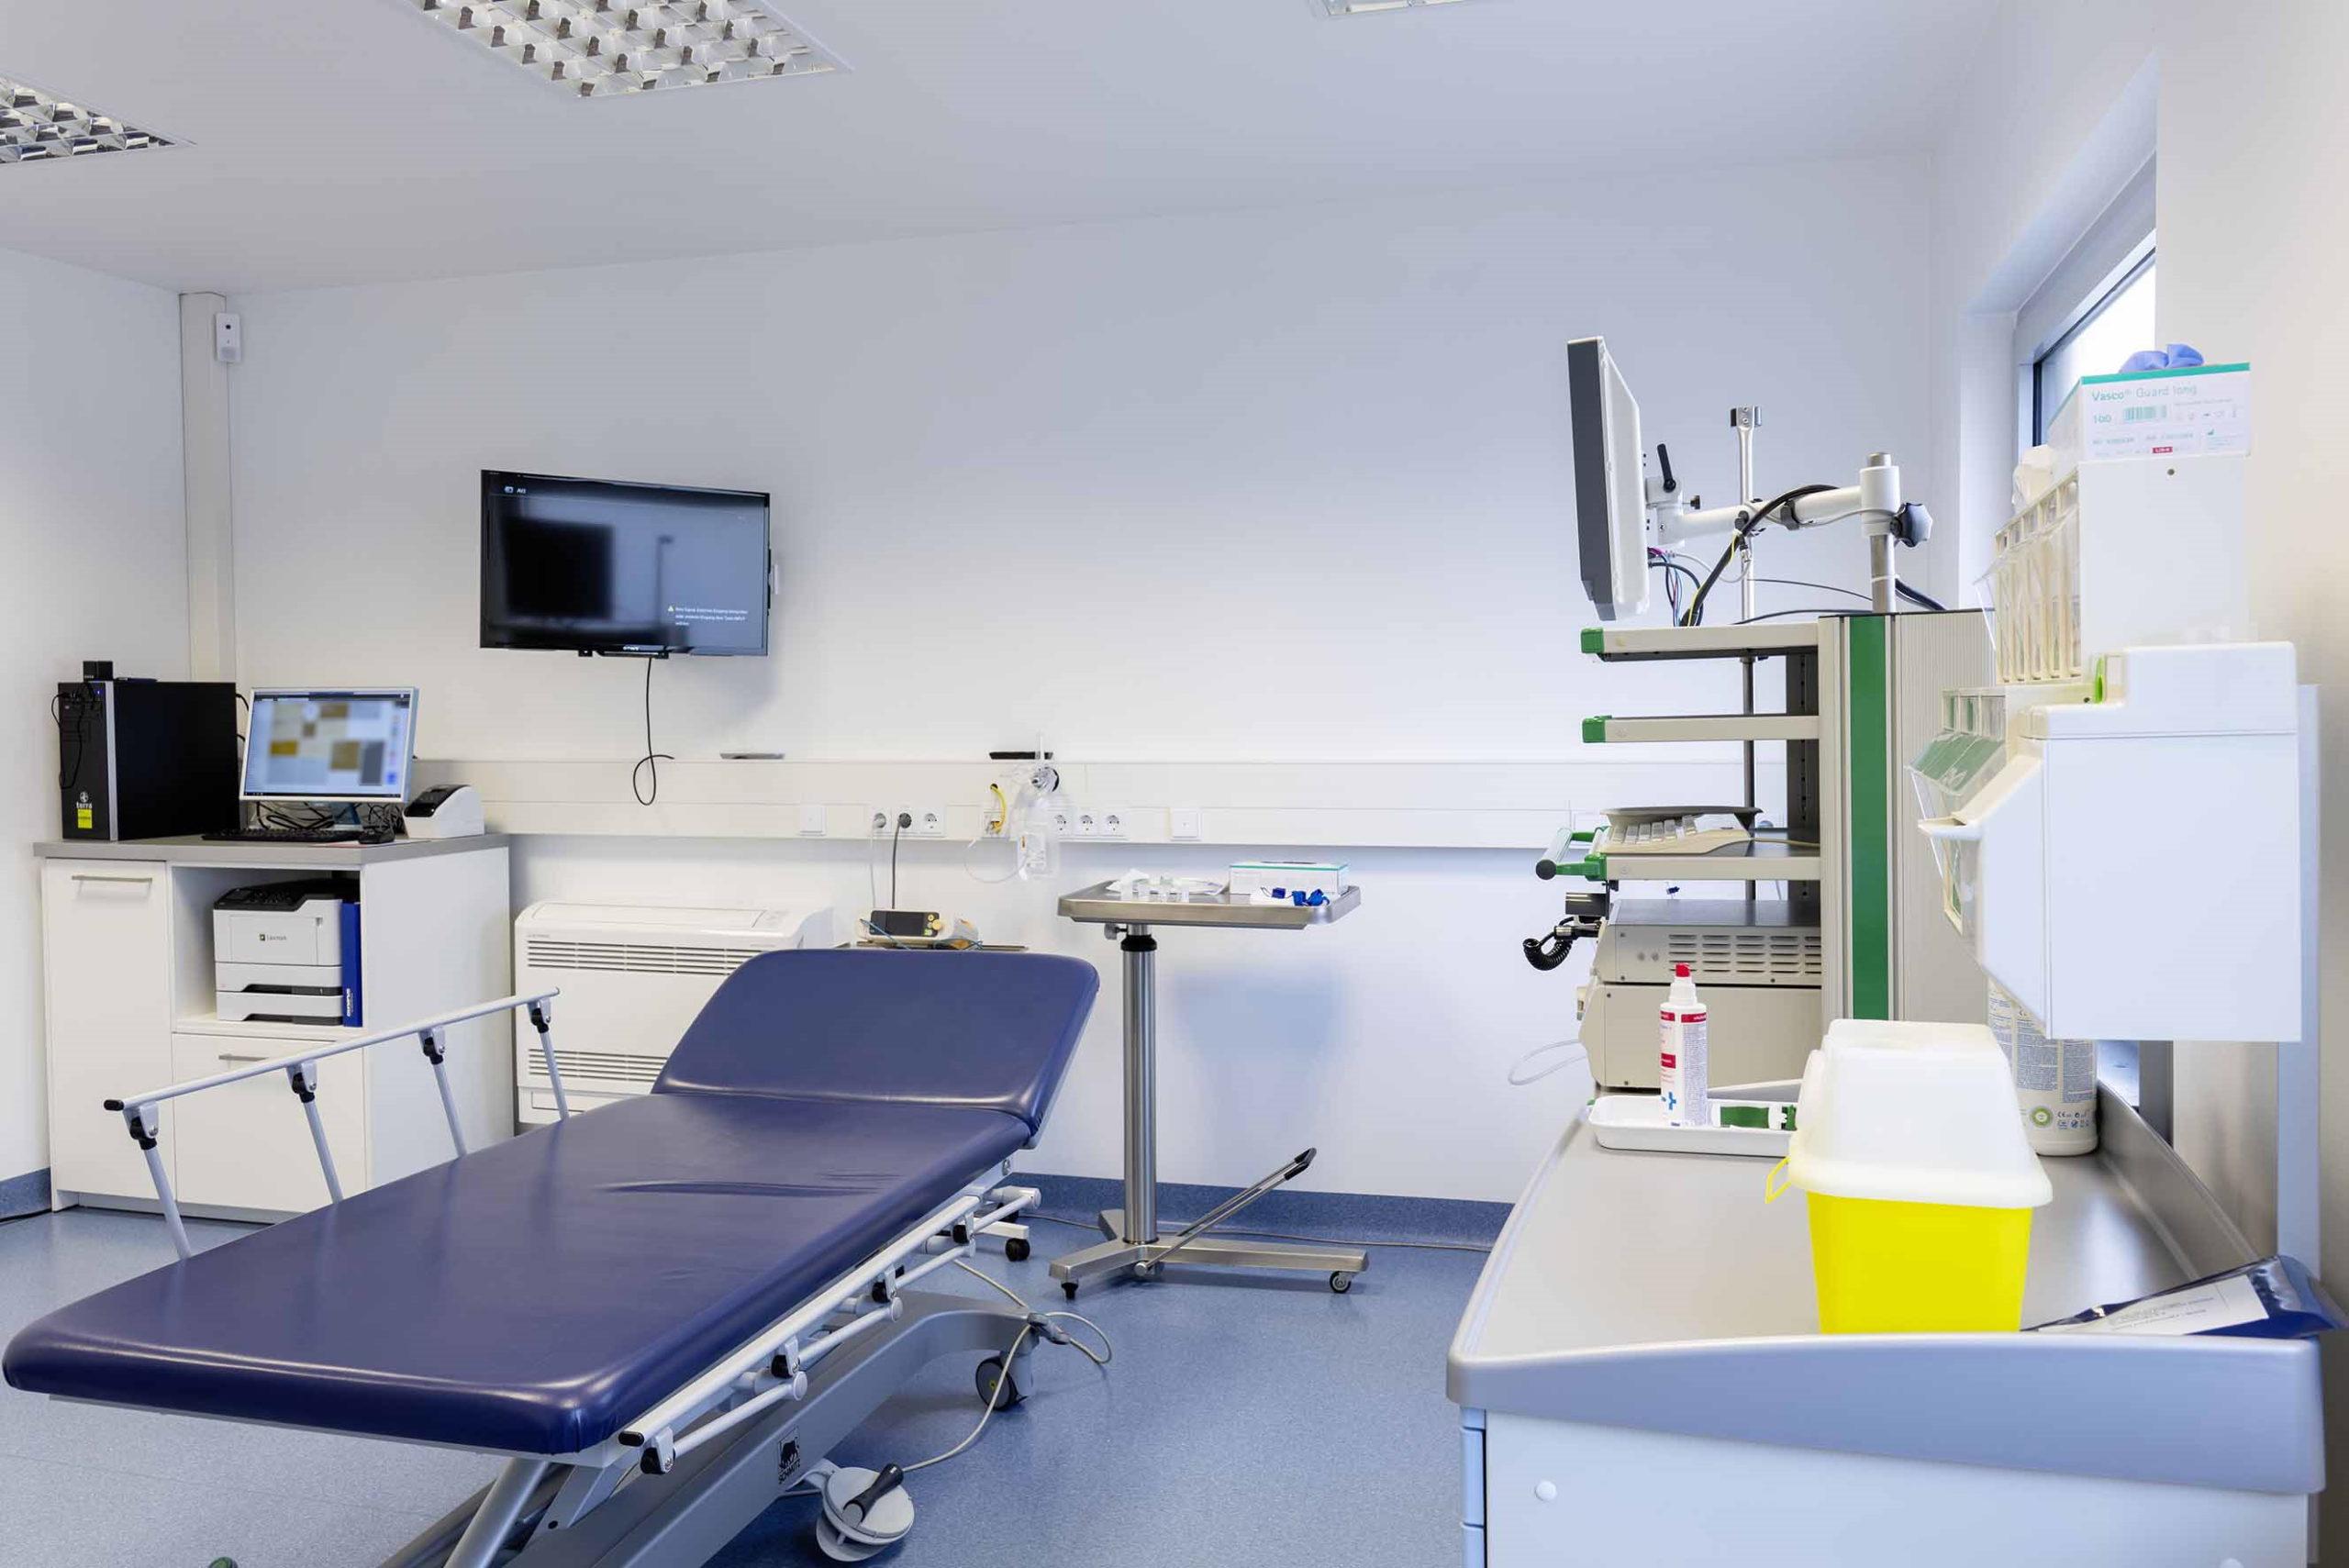 proktologiepraxis-frankfurt-Behandlungszimmer